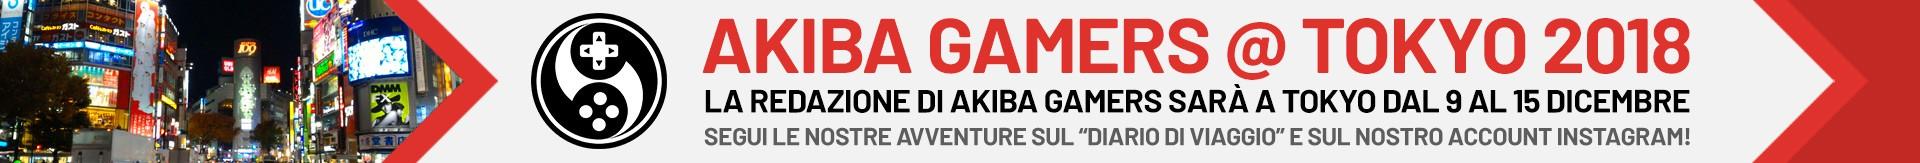 Akiba Gamers in Tokyo 2018